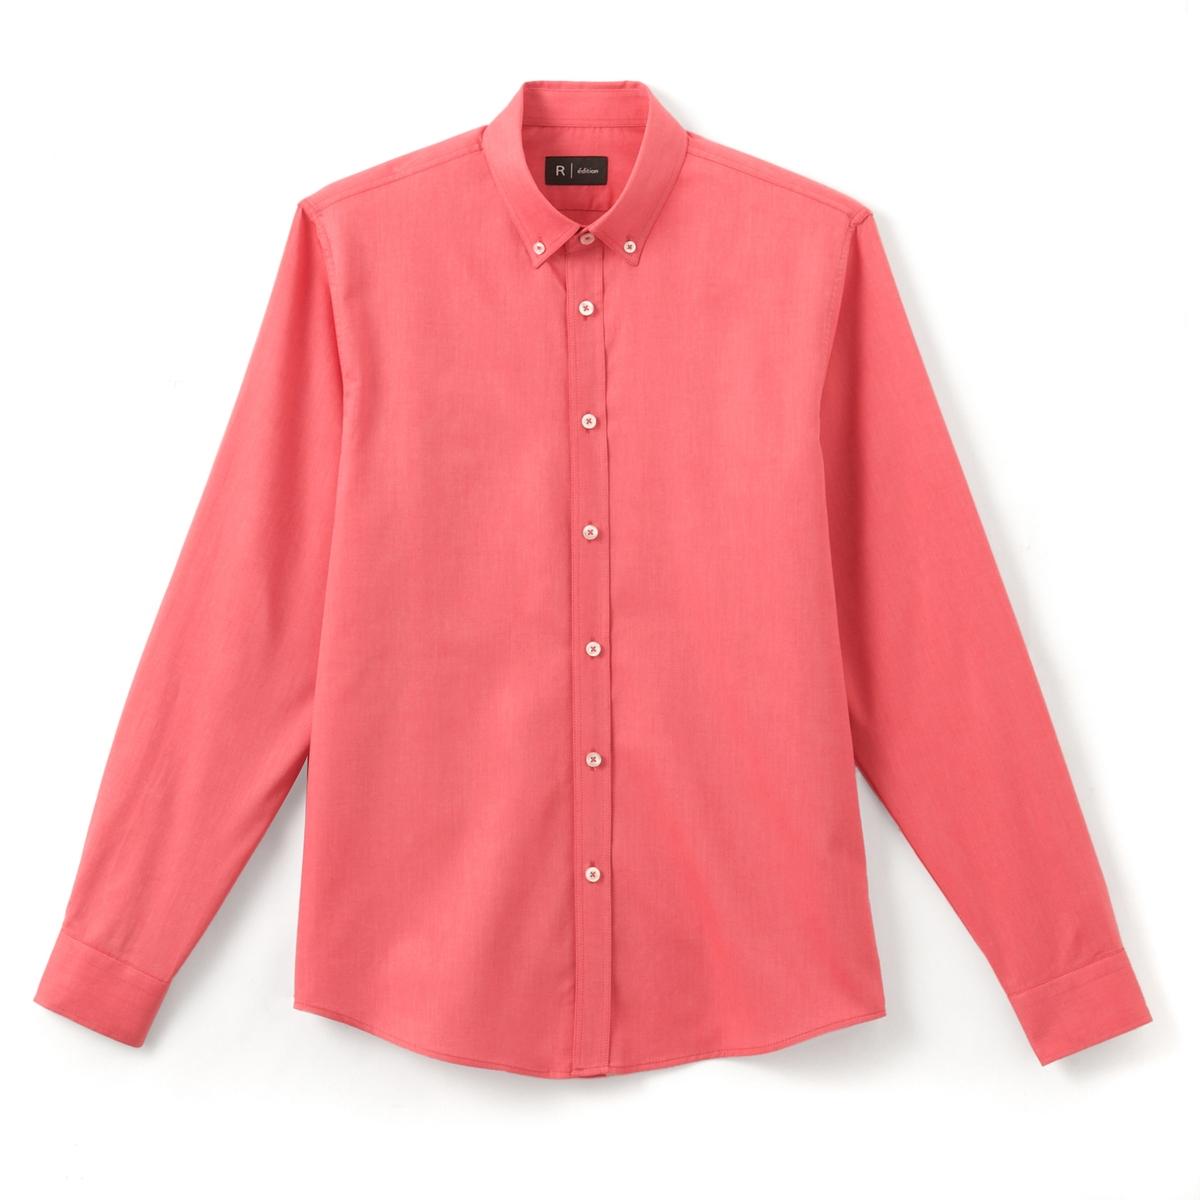 Рубашка Oxford прямого покроя 100% хлопокРубашка с длинными рукавами Oxford. Прямой покрой, классический воротник, края воротника с пуговицами. Низ рукавов с застежкой на пуговицы. Состав и описание :Материал  100% хлопкаМарка  R ?ditionДлина 76 смУход:Машинная стирка при 30 °C в деликатном режимеСтирать с вещами подобного цвета с изнанки   Отбеливание запрещеноГладить при умеренной температуреГладить с изнаночной стороныСухая (химическая) чистка запрещенаМашинная сушка запрещена<br><br>Цвет: розовый<br>Размер: 45/46.41/42.39/40